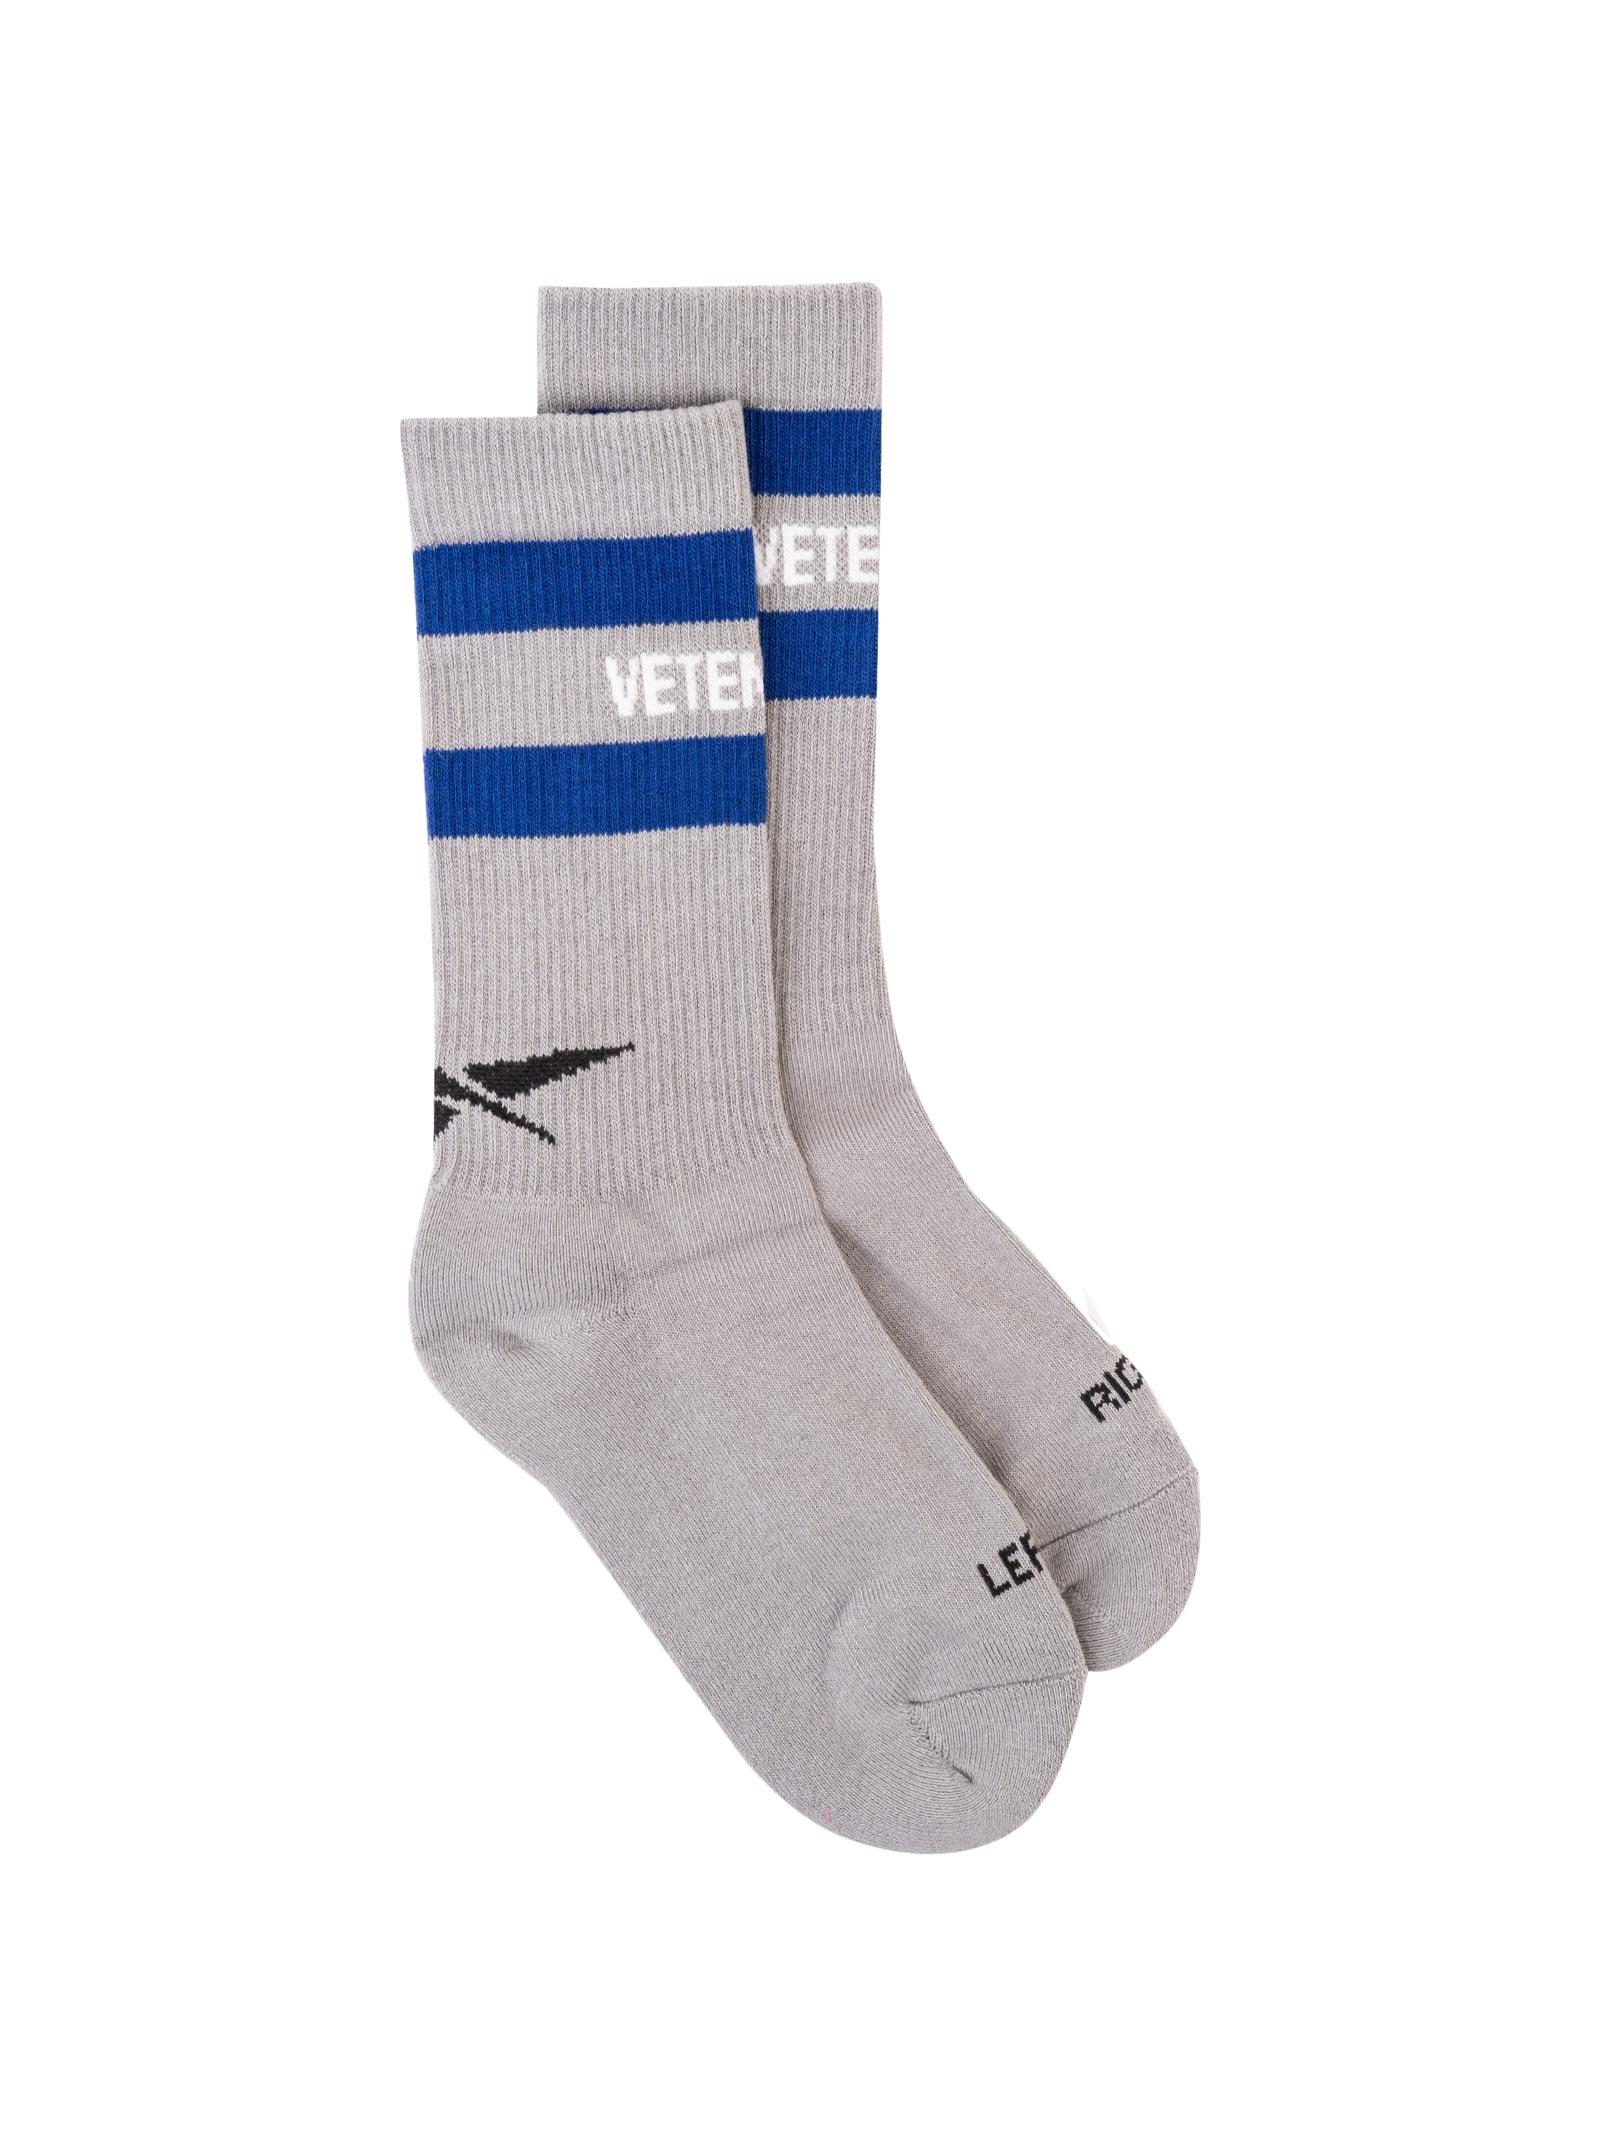 Vetements socks